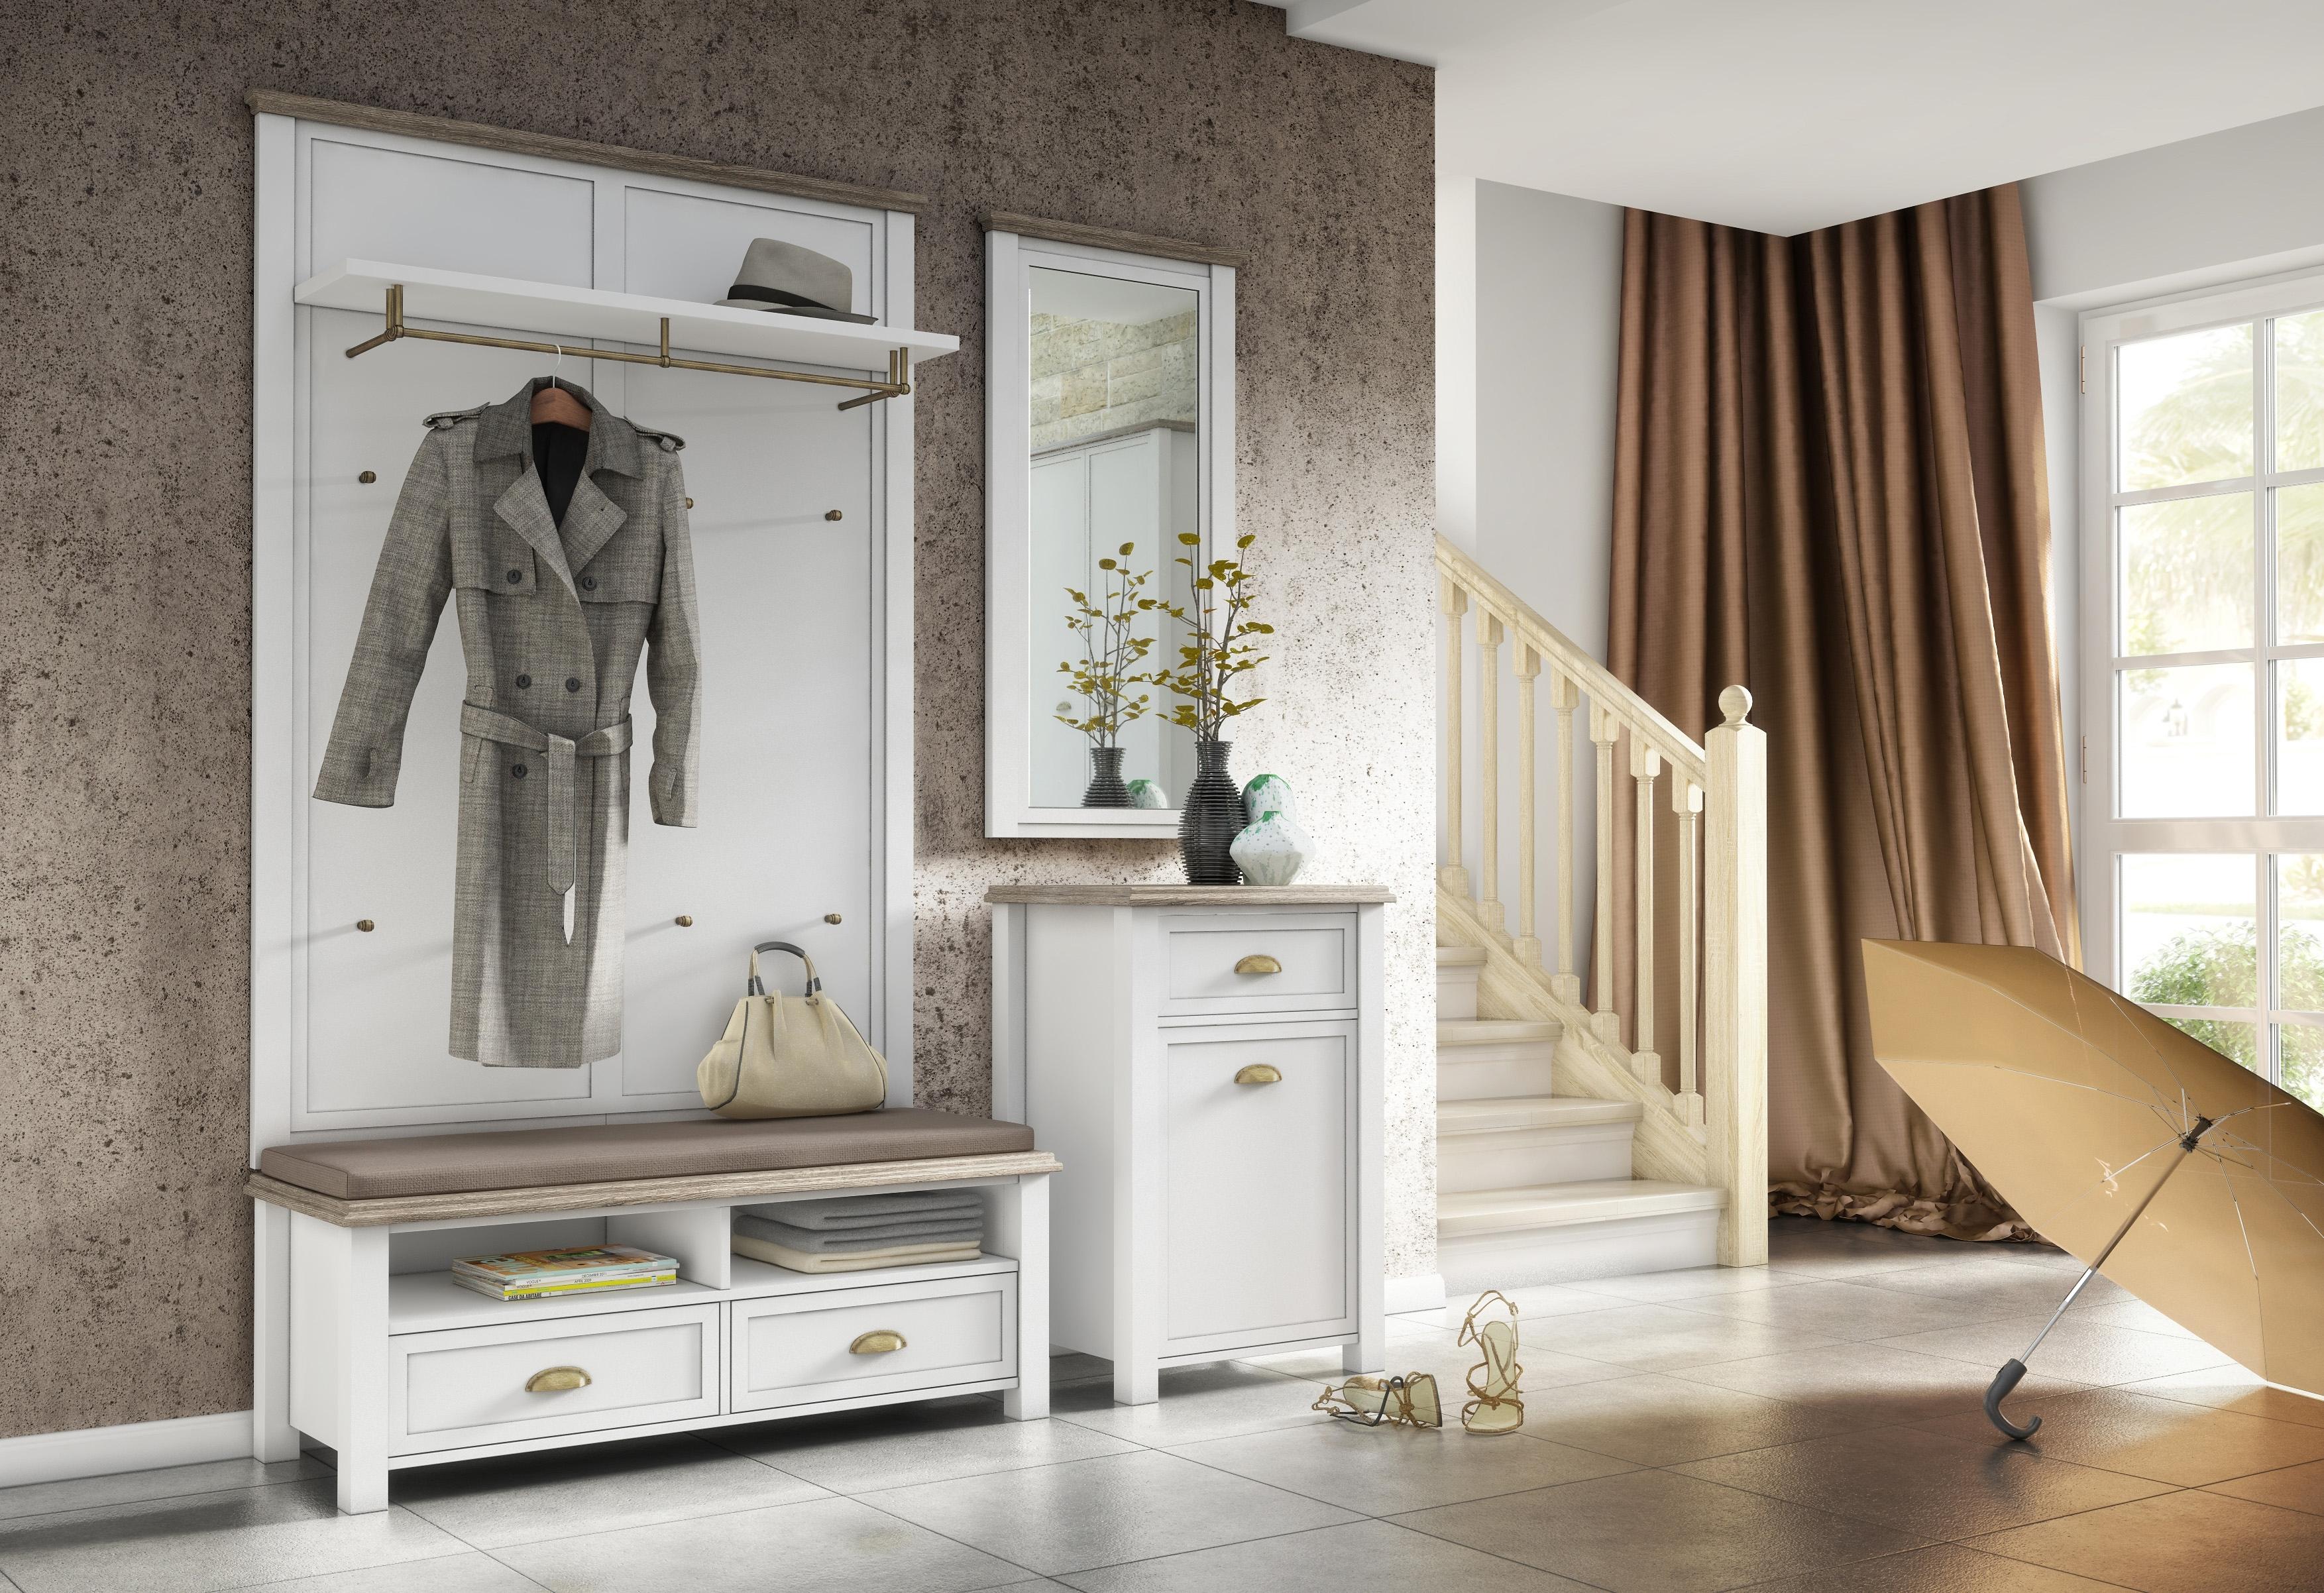 kapstok kopen meer dan 300 verschillende kapstokken otto. Black Bedroom Furniture Sets. Home Design Ideas